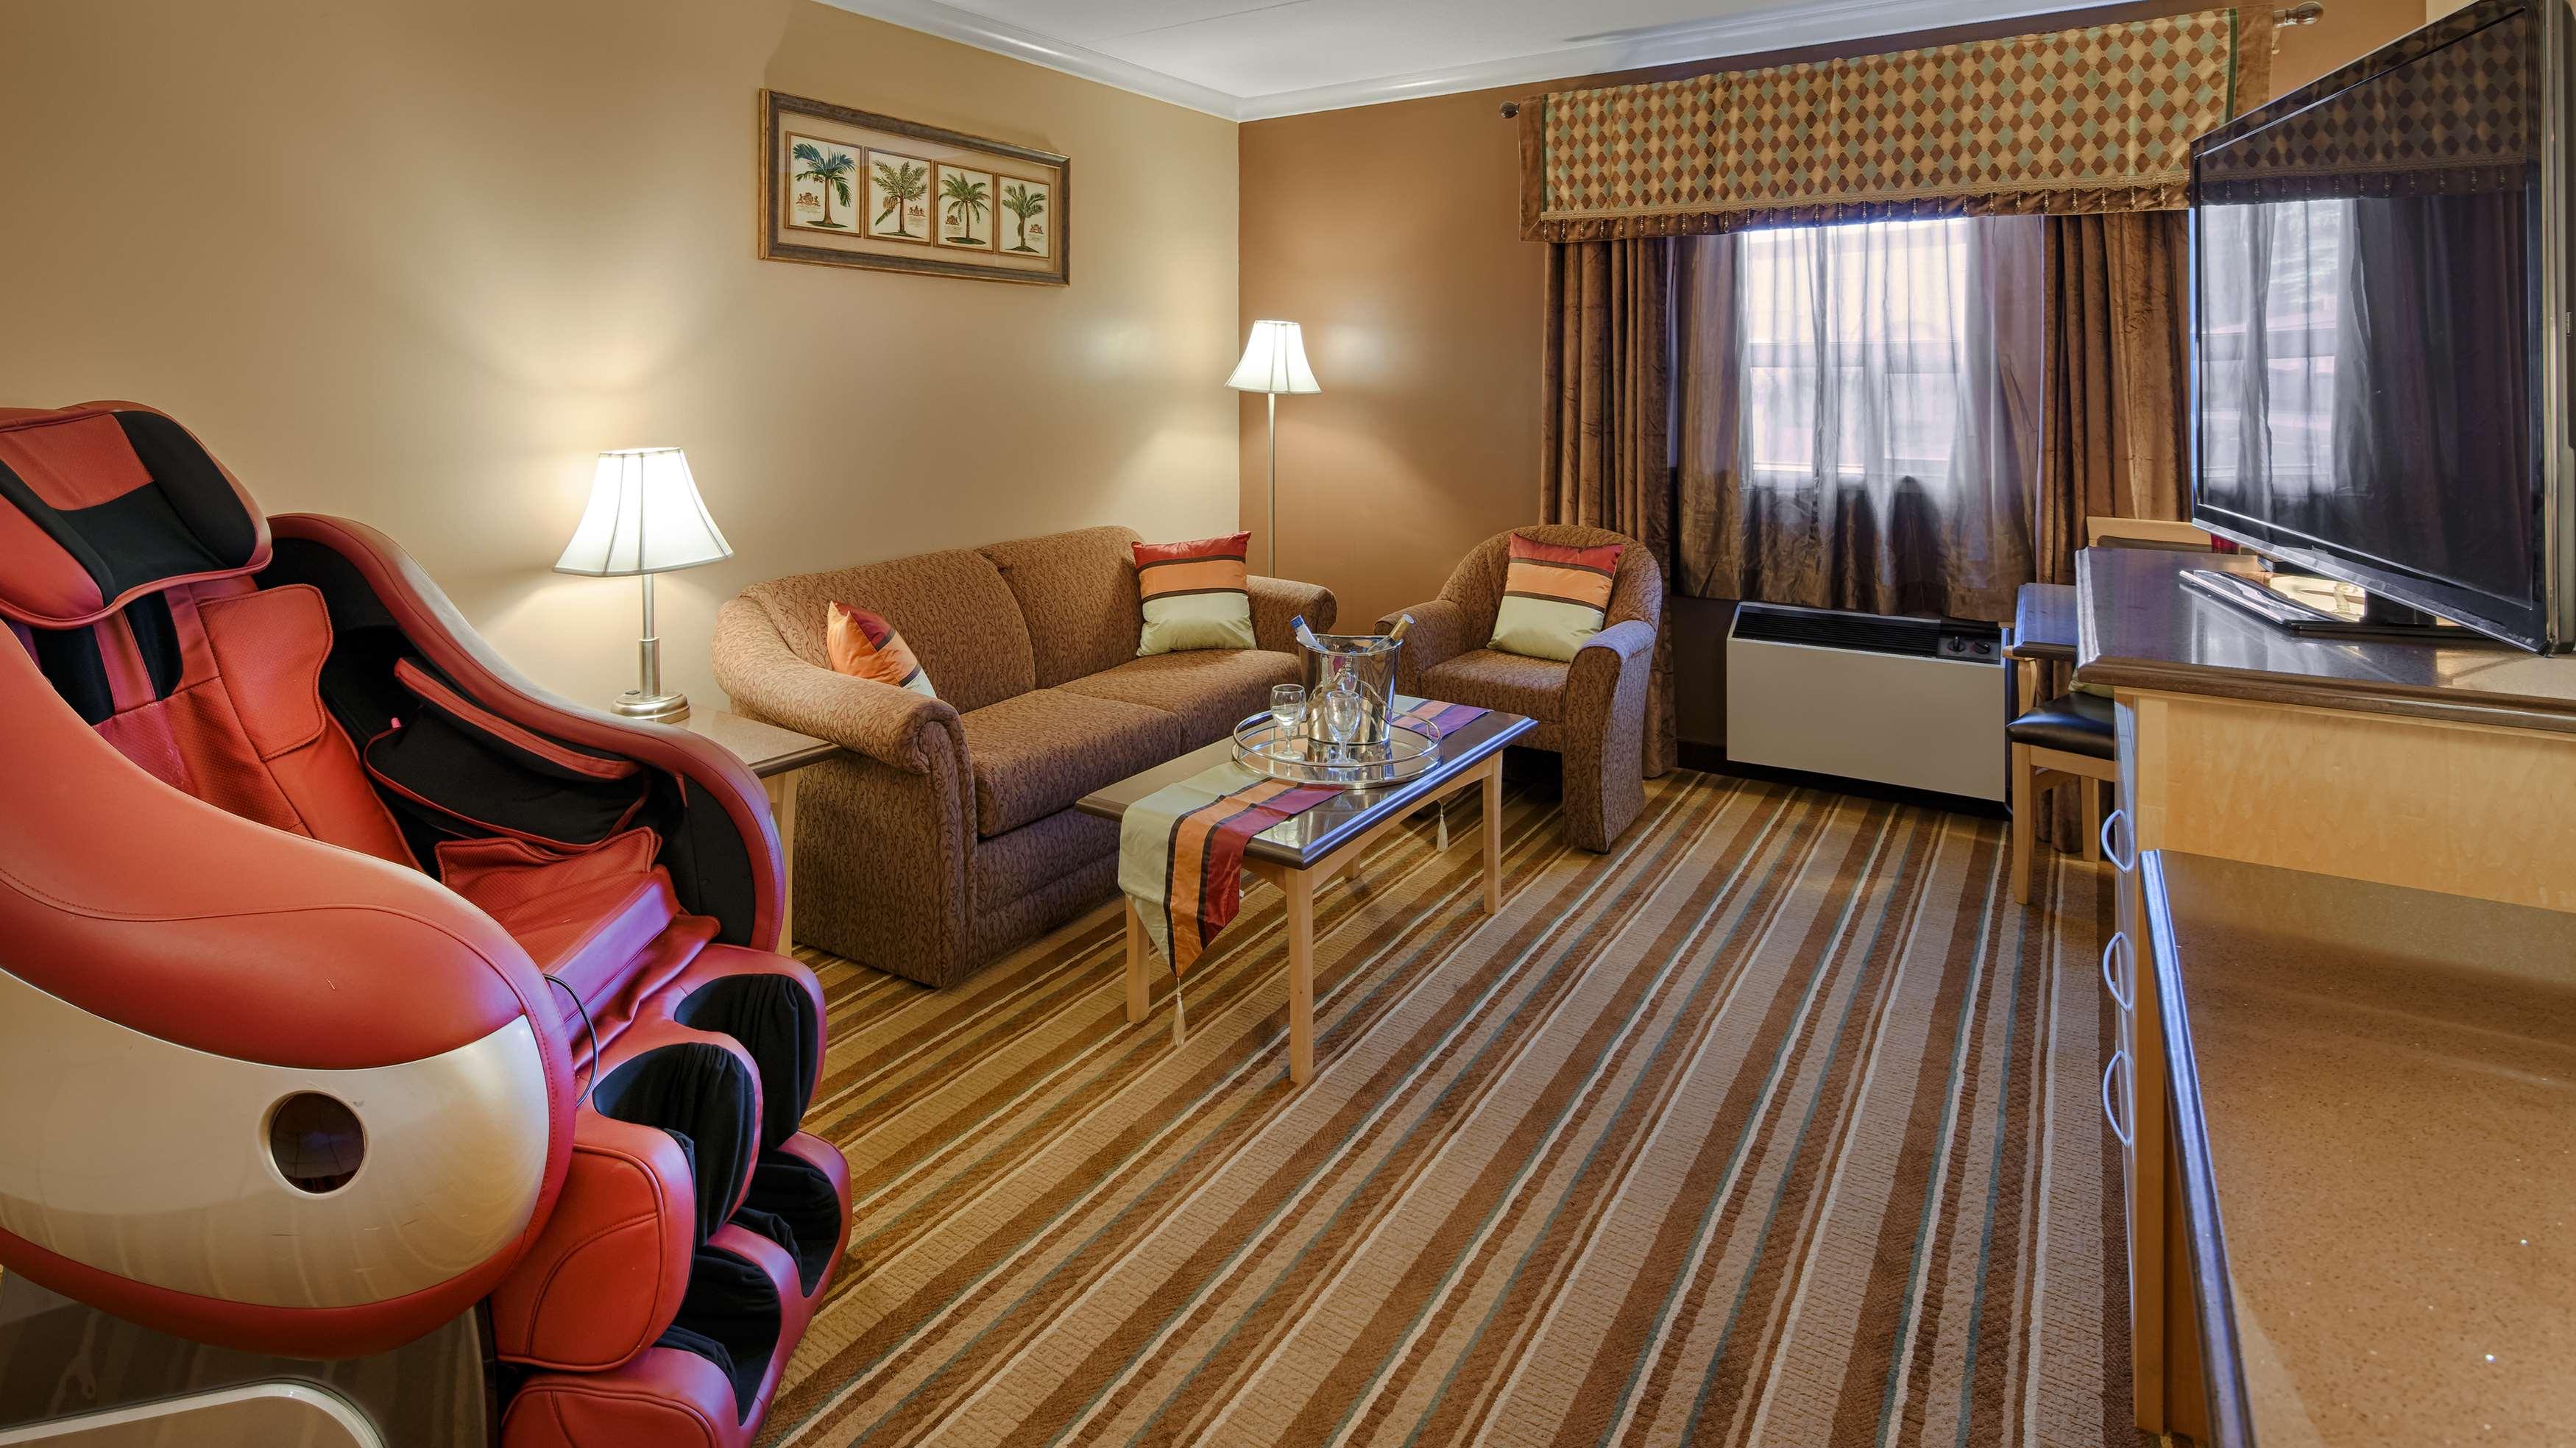 Best Western Marquis Inn & Suites in Prince Albert: Guest Room